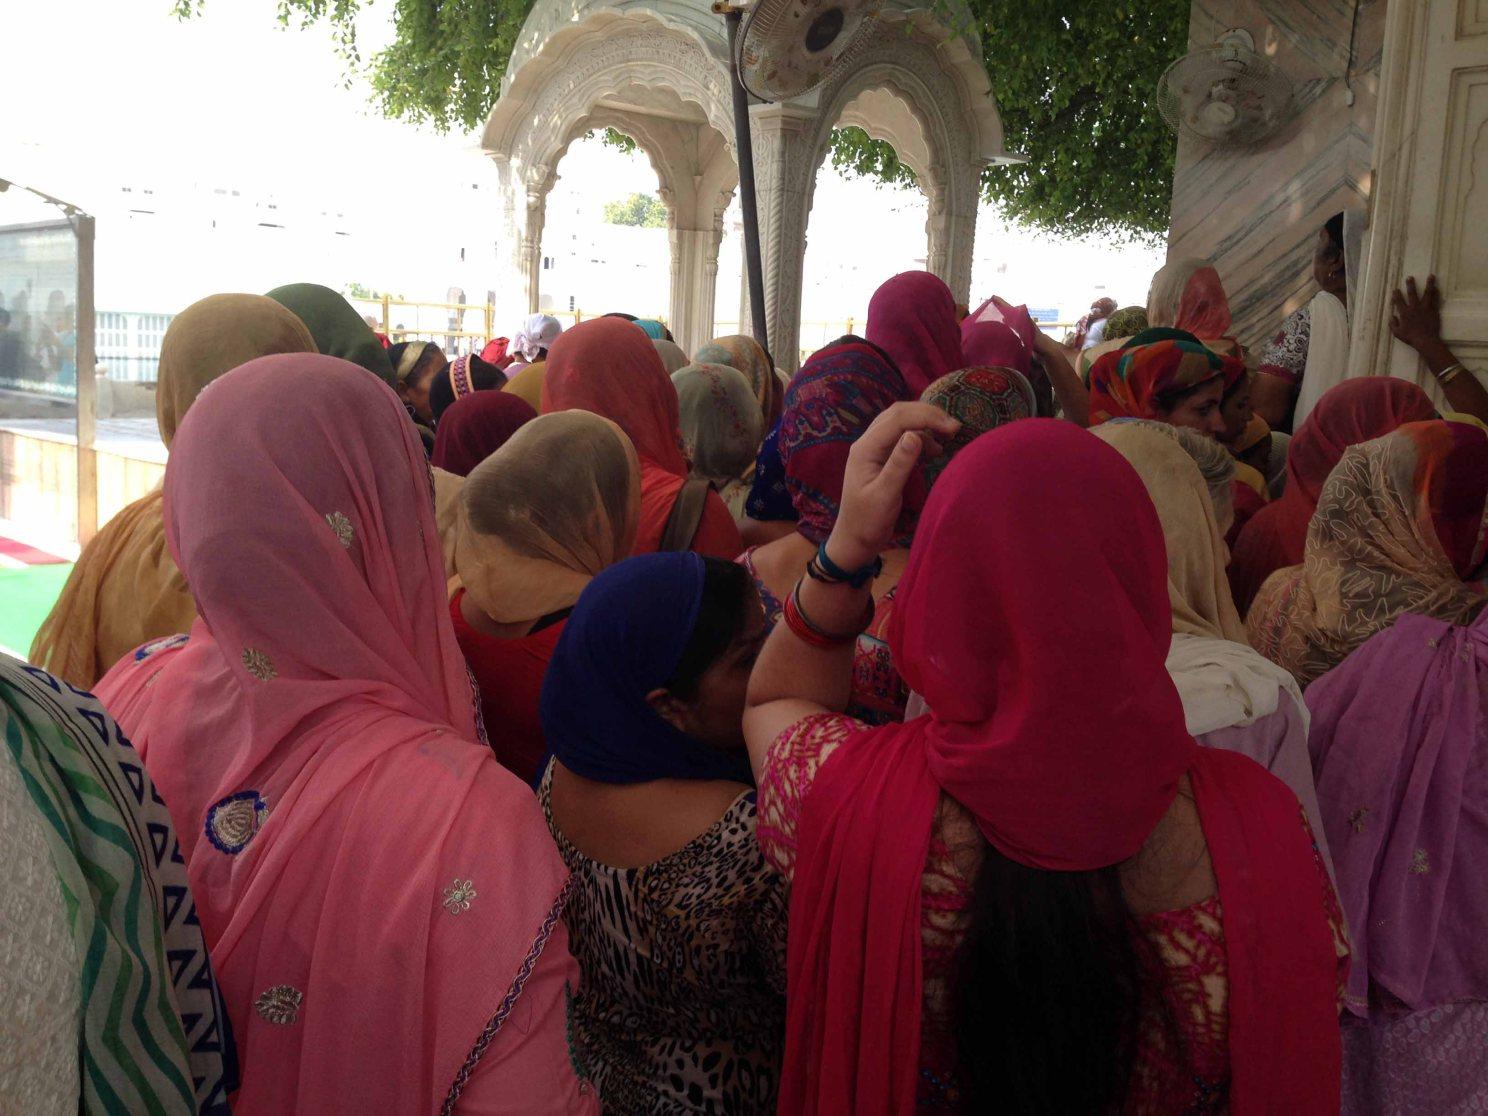 Mujeres-sij-templo-dorado-Amritsar-india